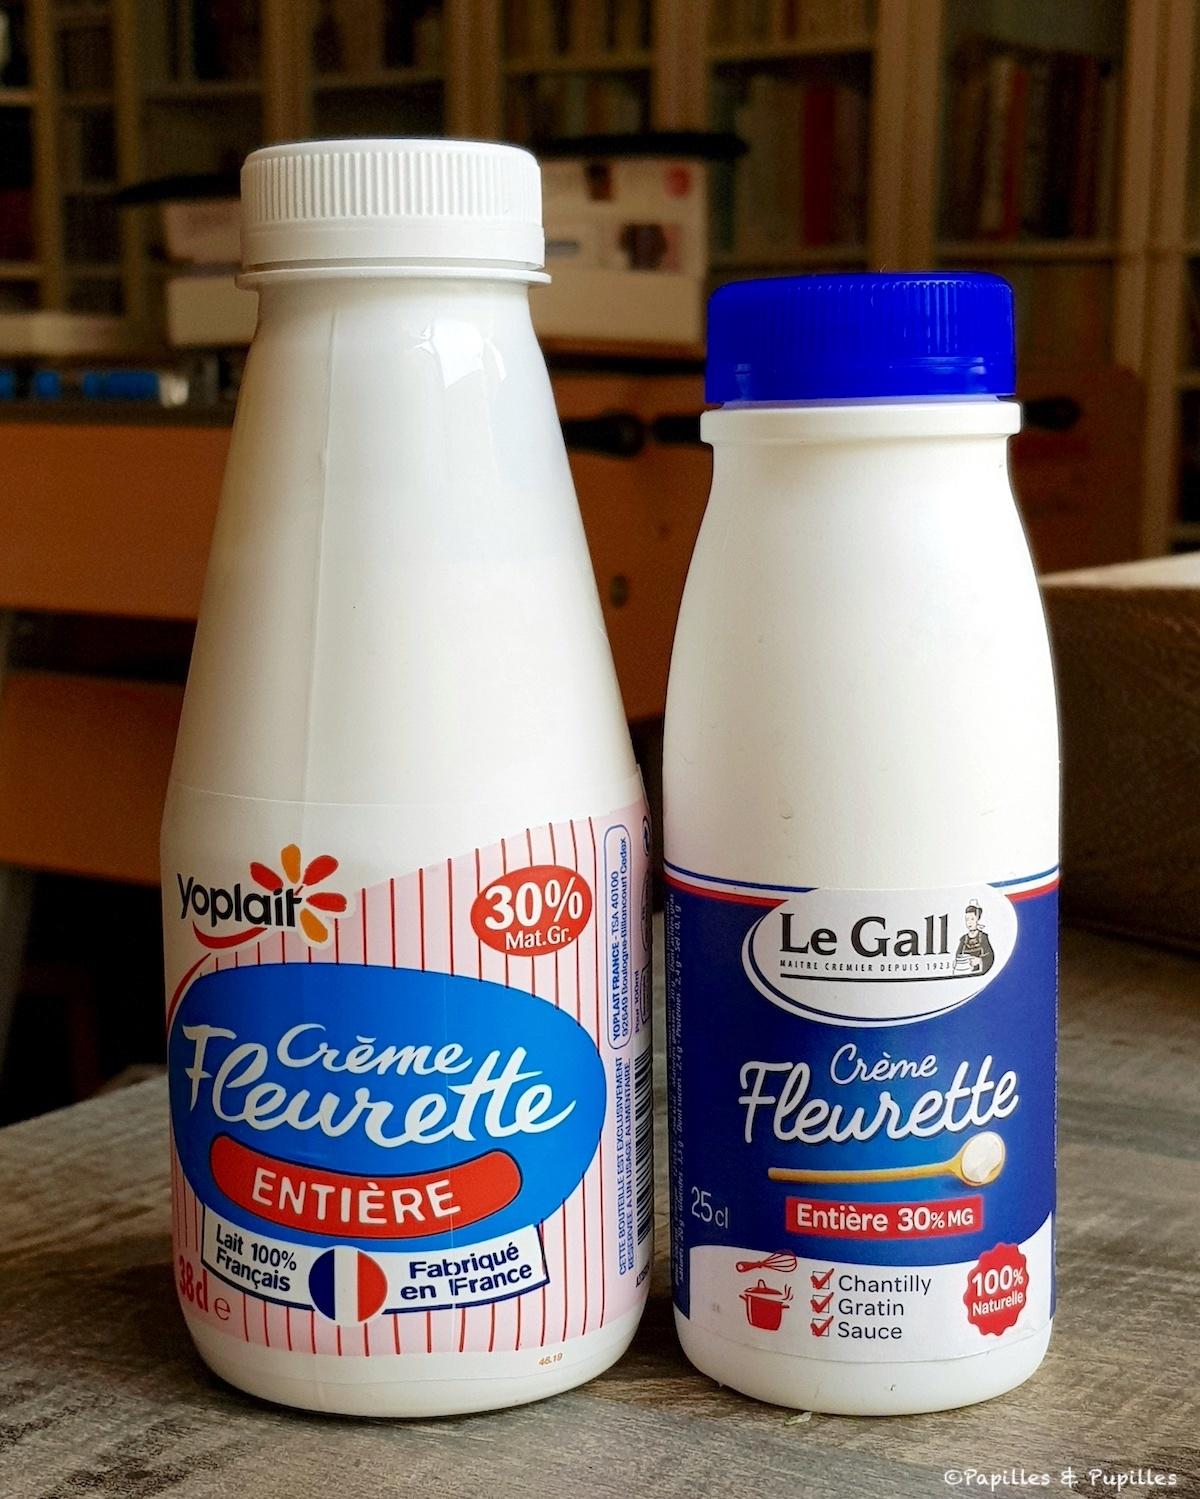 Crème fleurette